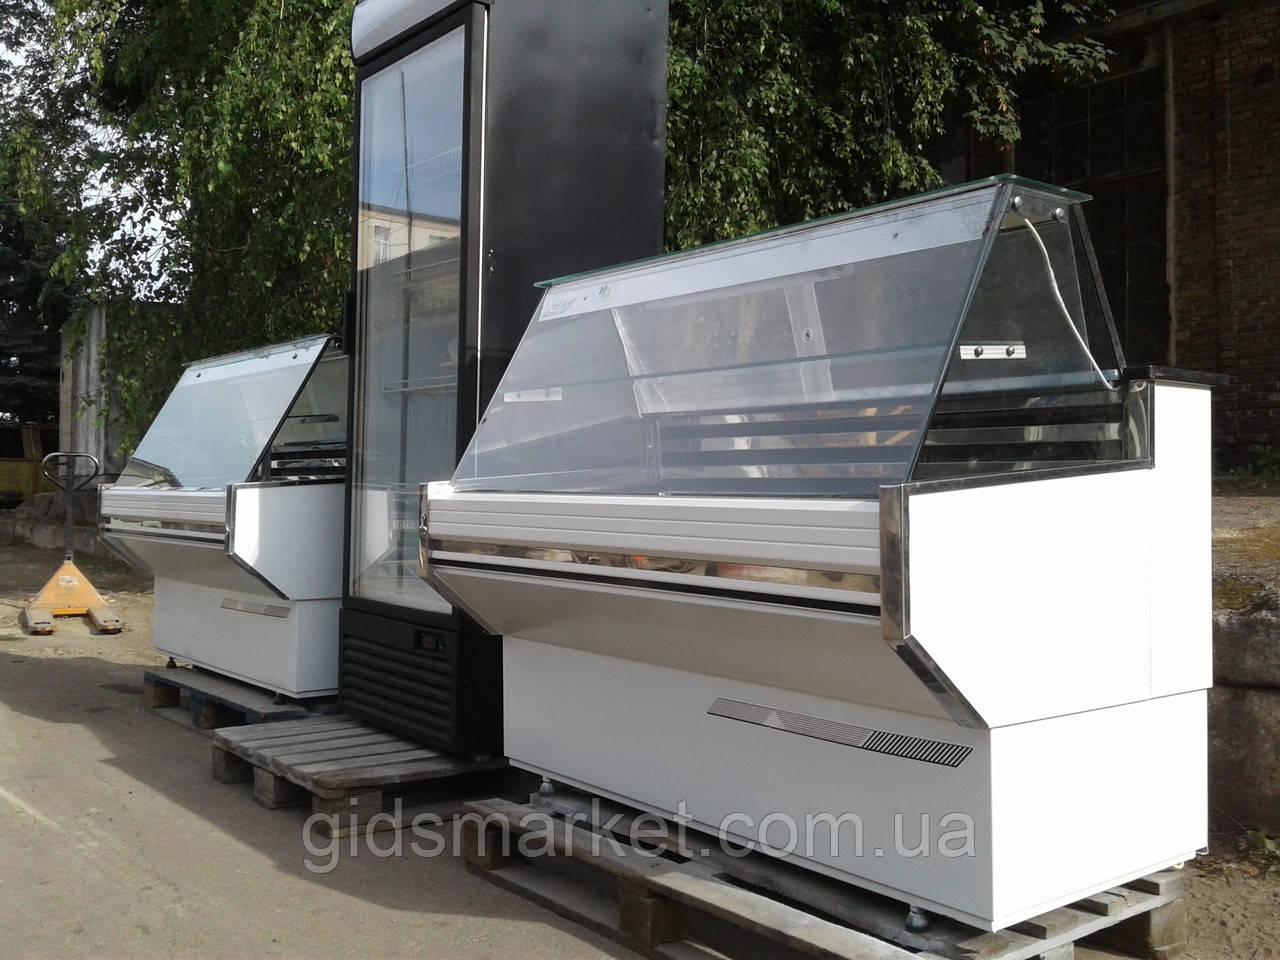 Холодильная витрина Cold 1,41 м. б/у, витрина гастрономическая б у, холодильный прилавок б у